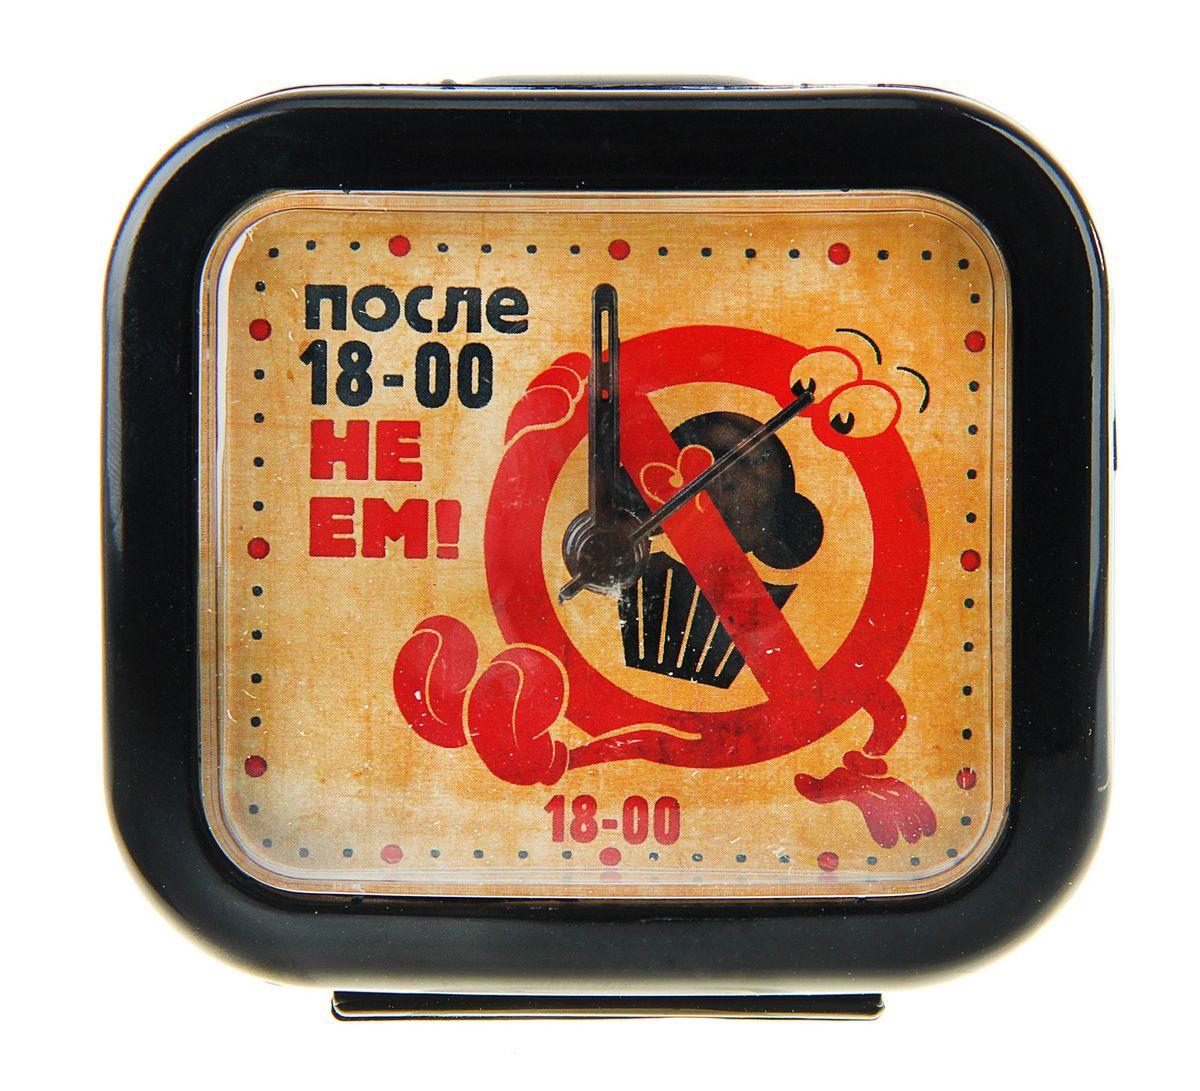 Часы-будильник Sima-land После шести не емMRC 4142 schwarzКак же сложно иногда вставать вовремя! Всегда так хочется поспать еще хотя бы 5 минут и бывает, что мы просыпаем. Теперь этого не случится! Яркий, оригинальный будильник Sima-land После шести не ем поможет вам всегда вставать в нужное время и успевать везде и всюду. Будильник украсит вашу комнату и приведет в восхищение друзей. Время показывает точно и будит в установленный час.На верхней панели будильника расположен переключатель включения/выключения механизма, на задней панели расположено два колесика для настройки текущего времени и времени звонка будильника.Будильник работает от 1 батарейки типа AA напряжением 1,5V (не входит в комплект).